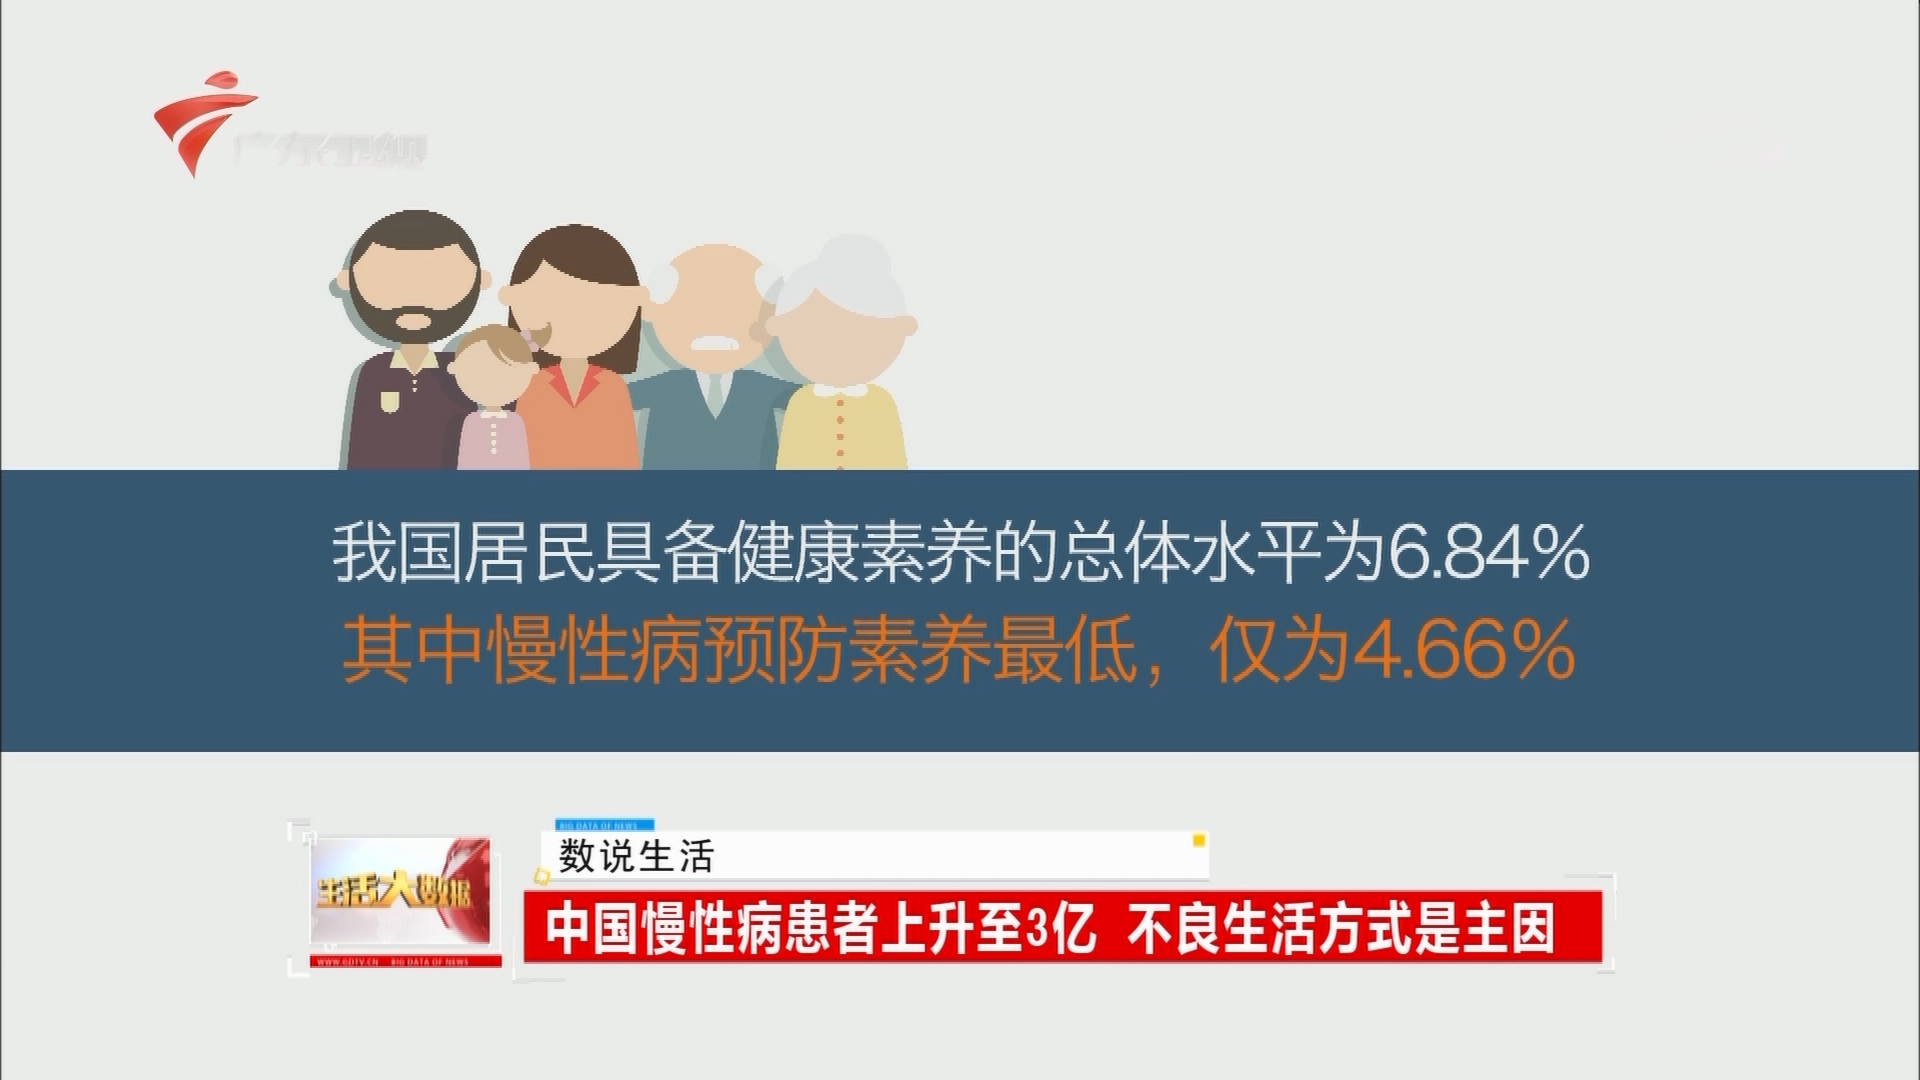 中国慢性病患者上升至3亿 不良生活方式是主因